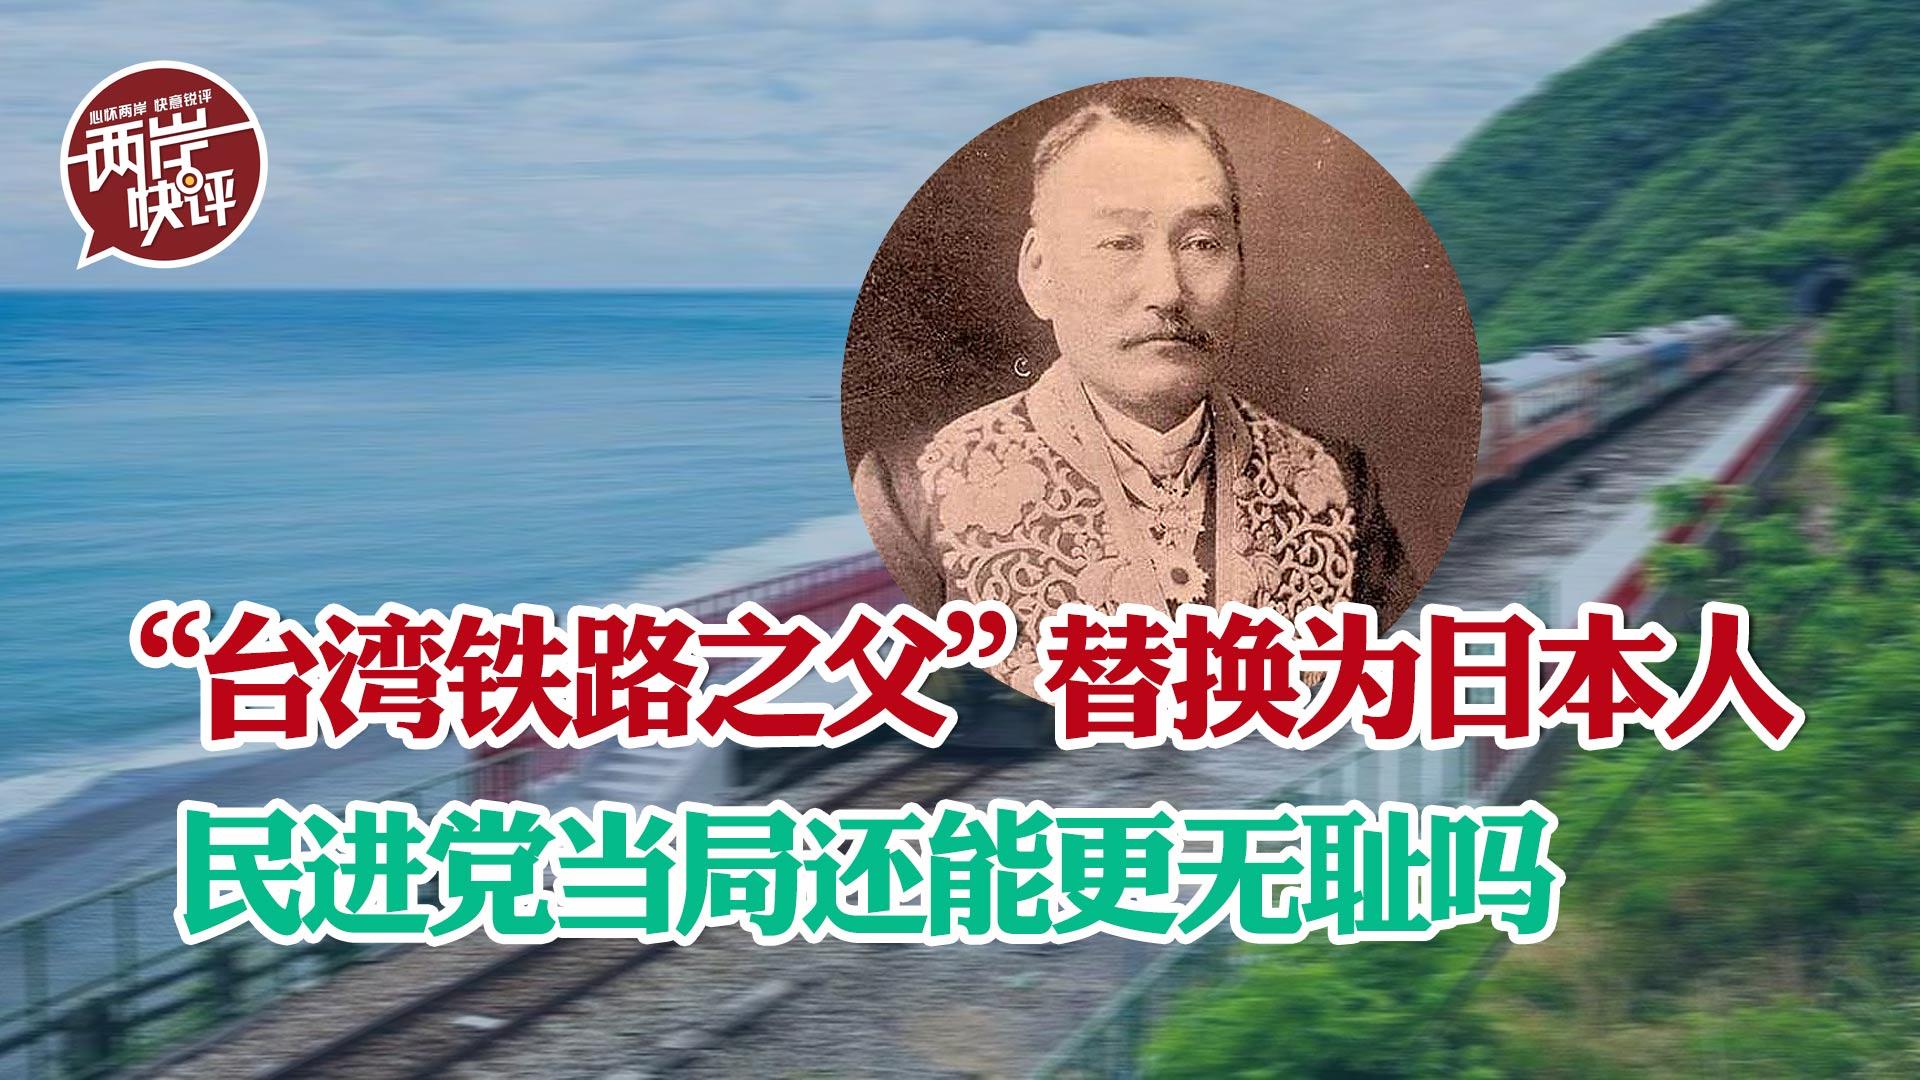 民進黨當局數典忘祖、認賊作父,還能更無恥嗎?圖片